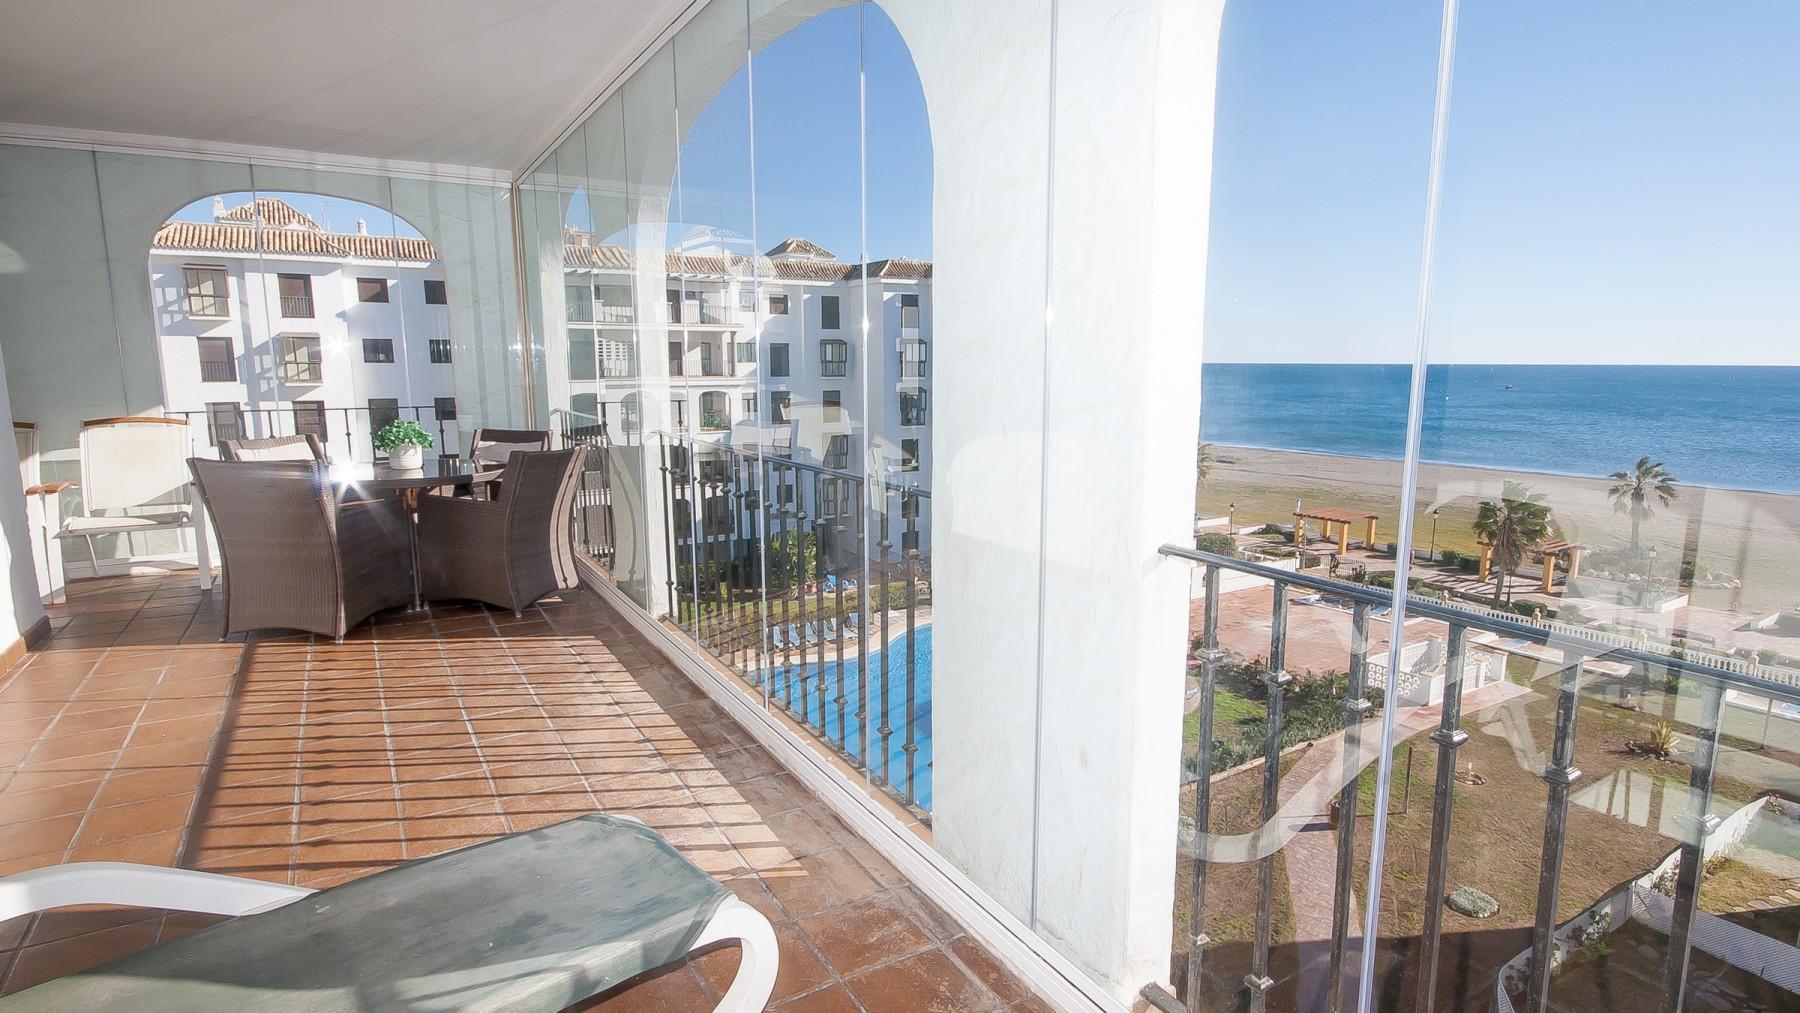 Apartments in manilva marina duquesa